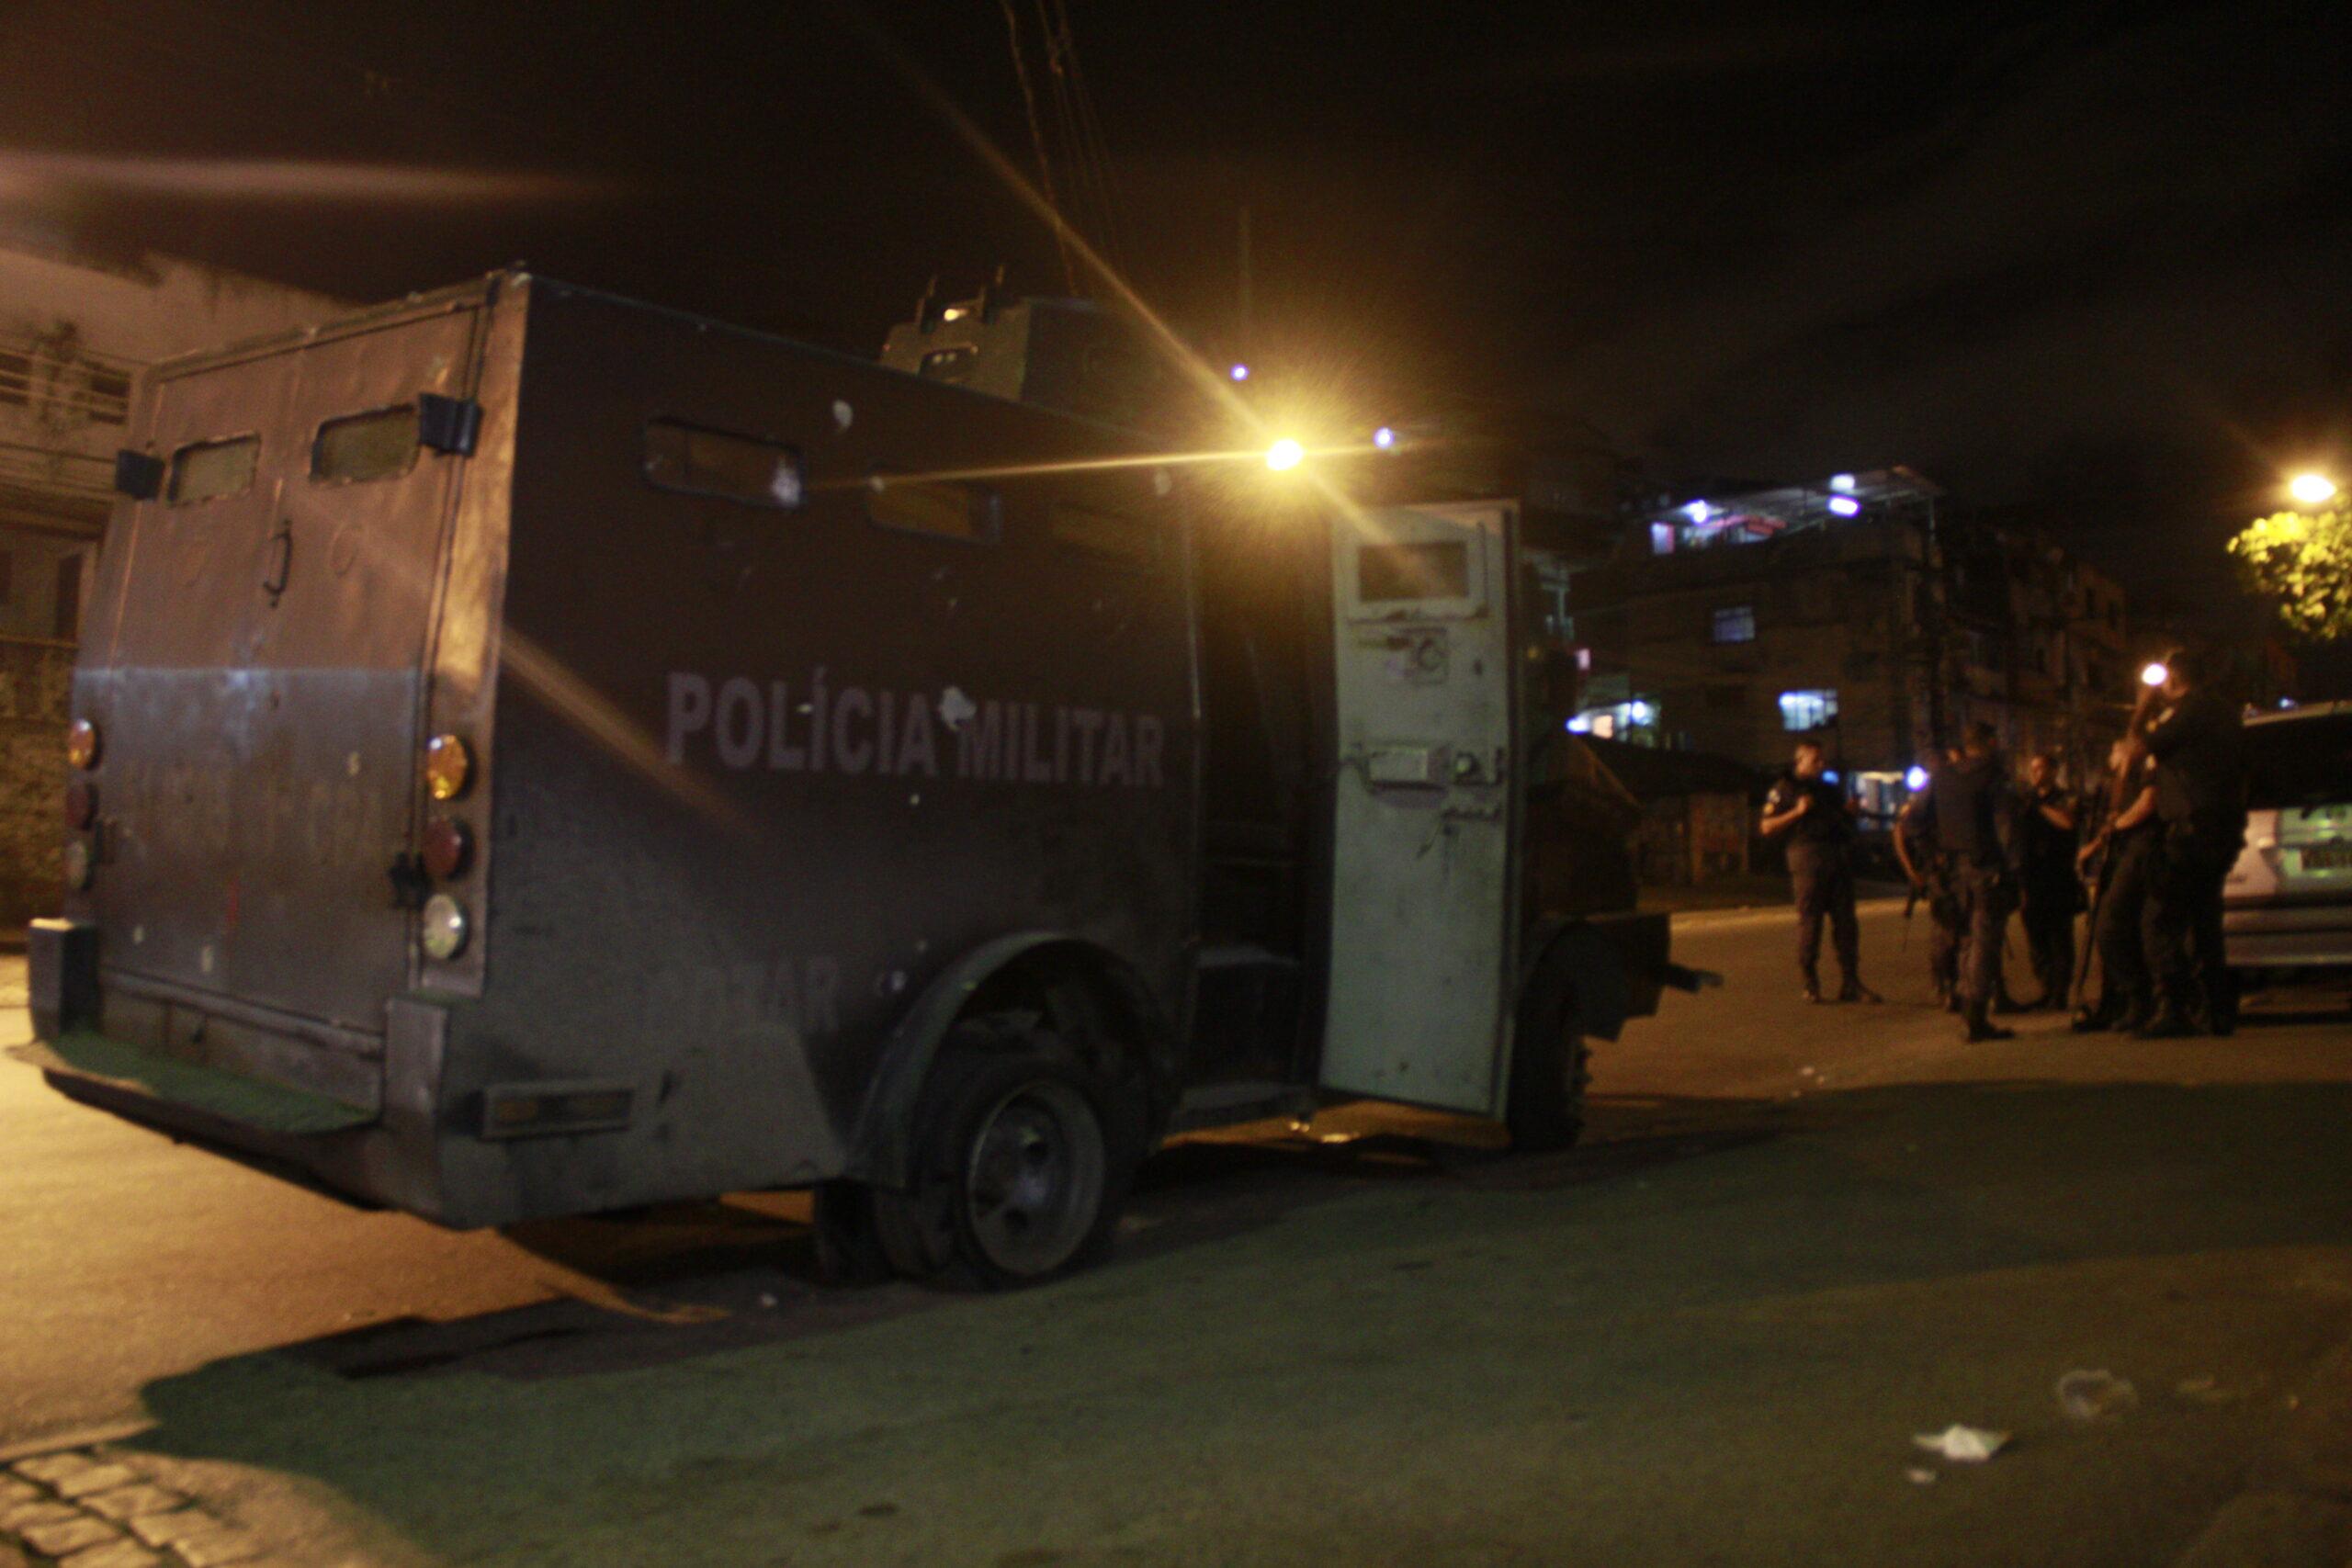 Tiroteio, baleados e mortos completam mais um dia de caos no Complexo do Alemão